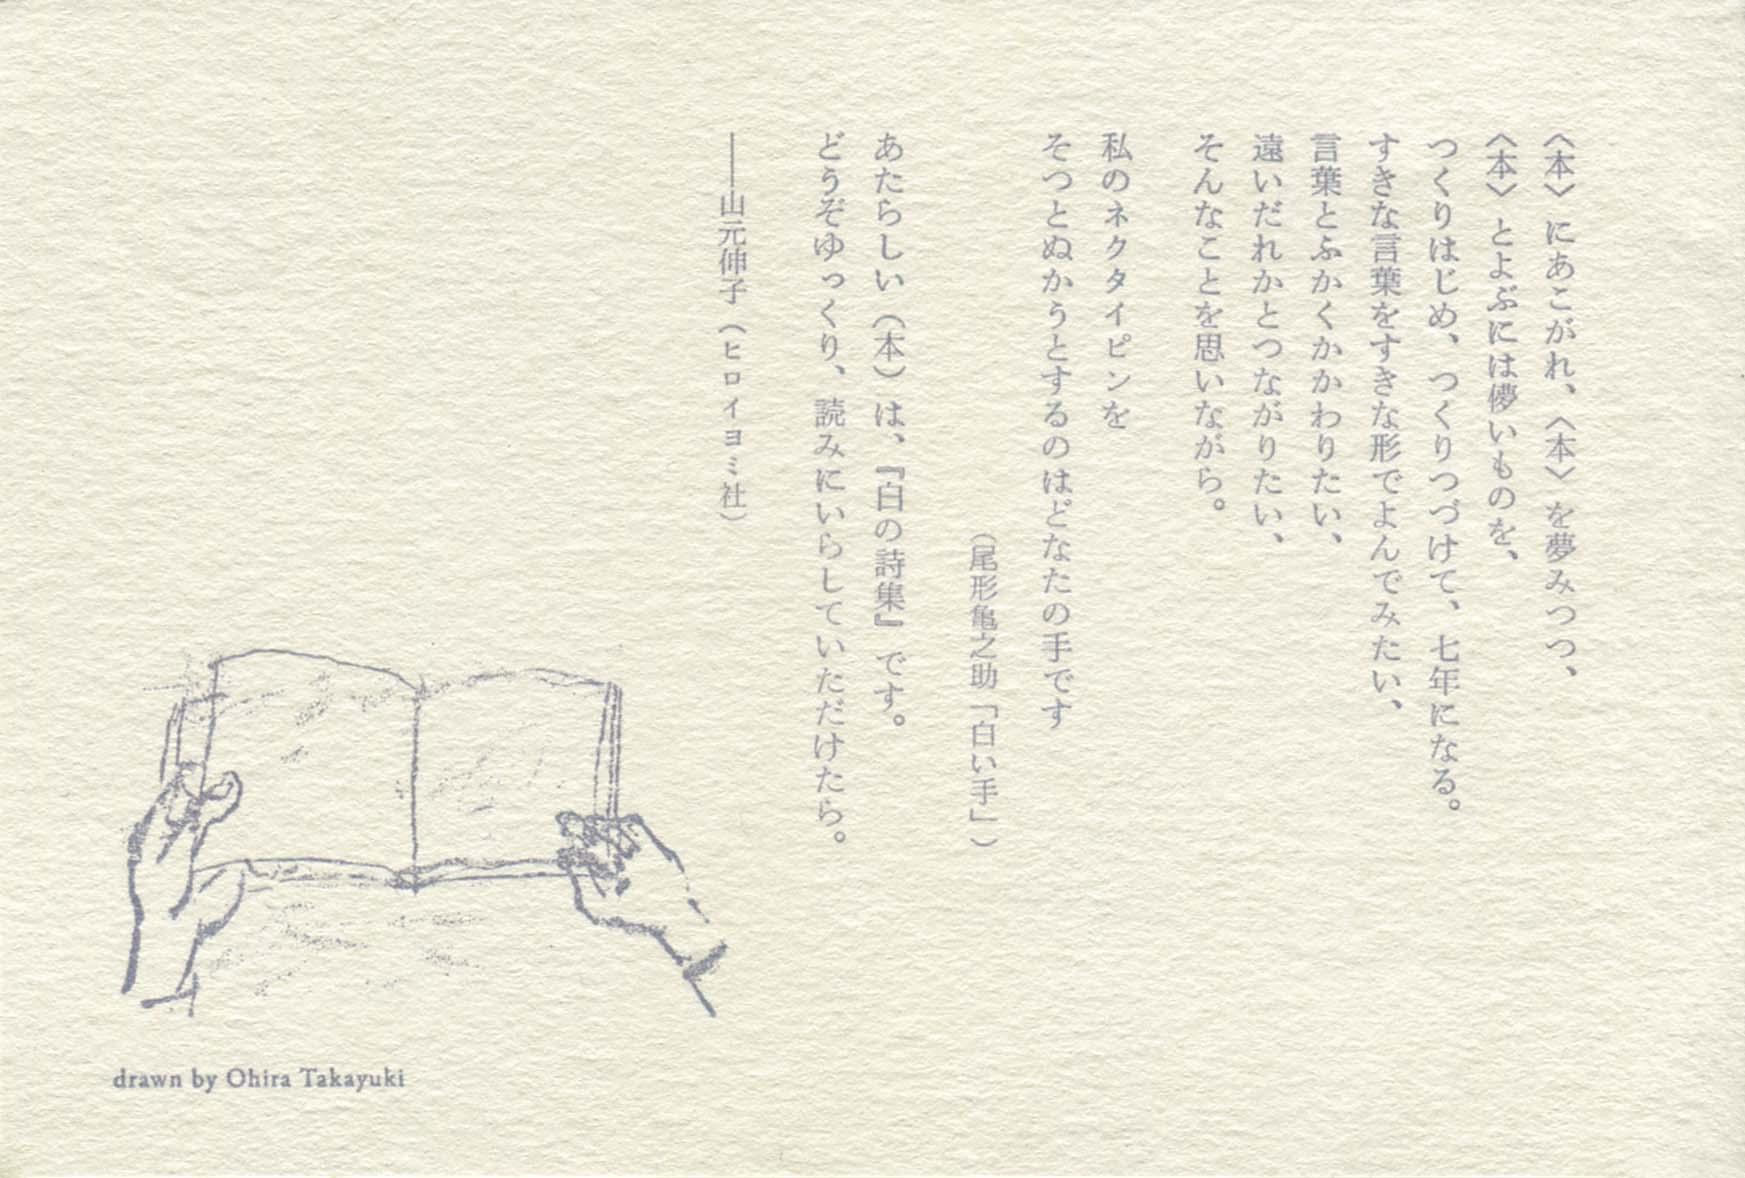 ヒロイヨミ_1